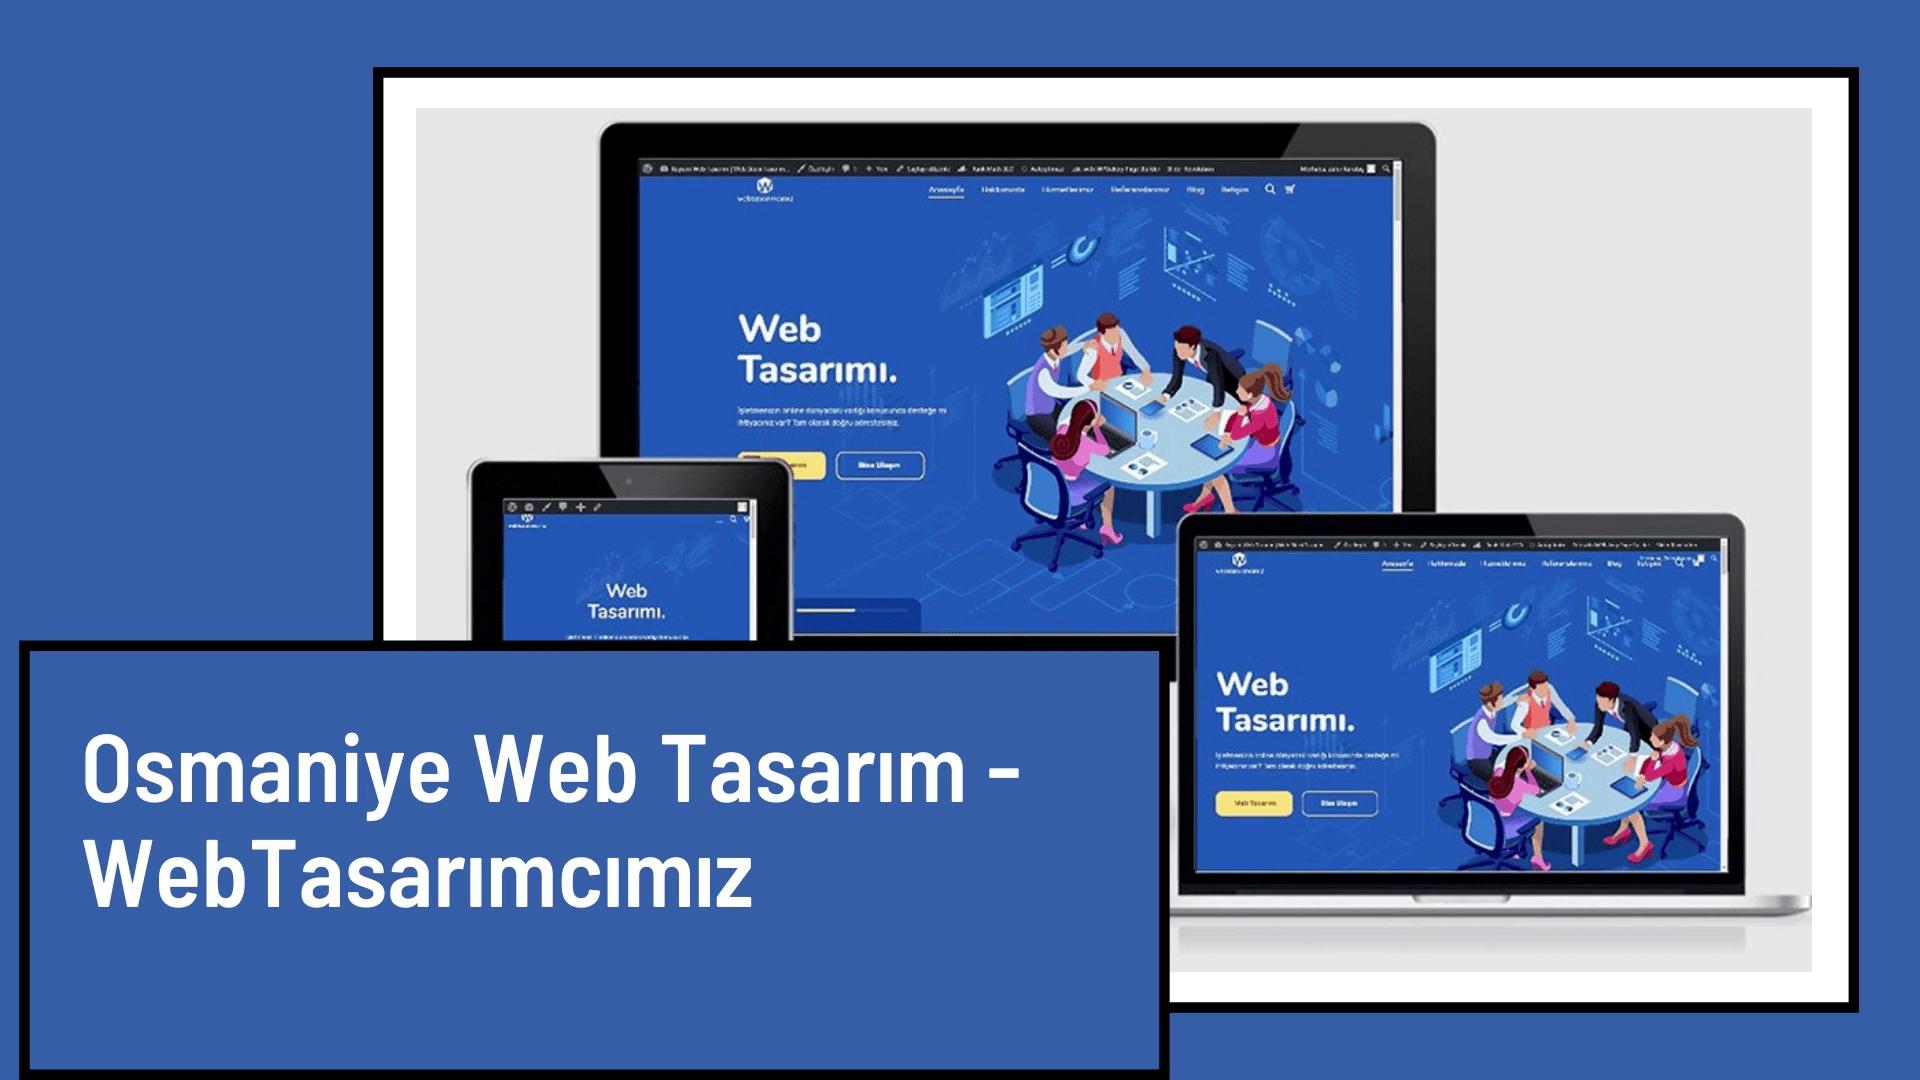 Osmaniye Web Tasarım - WebTasarımcımız